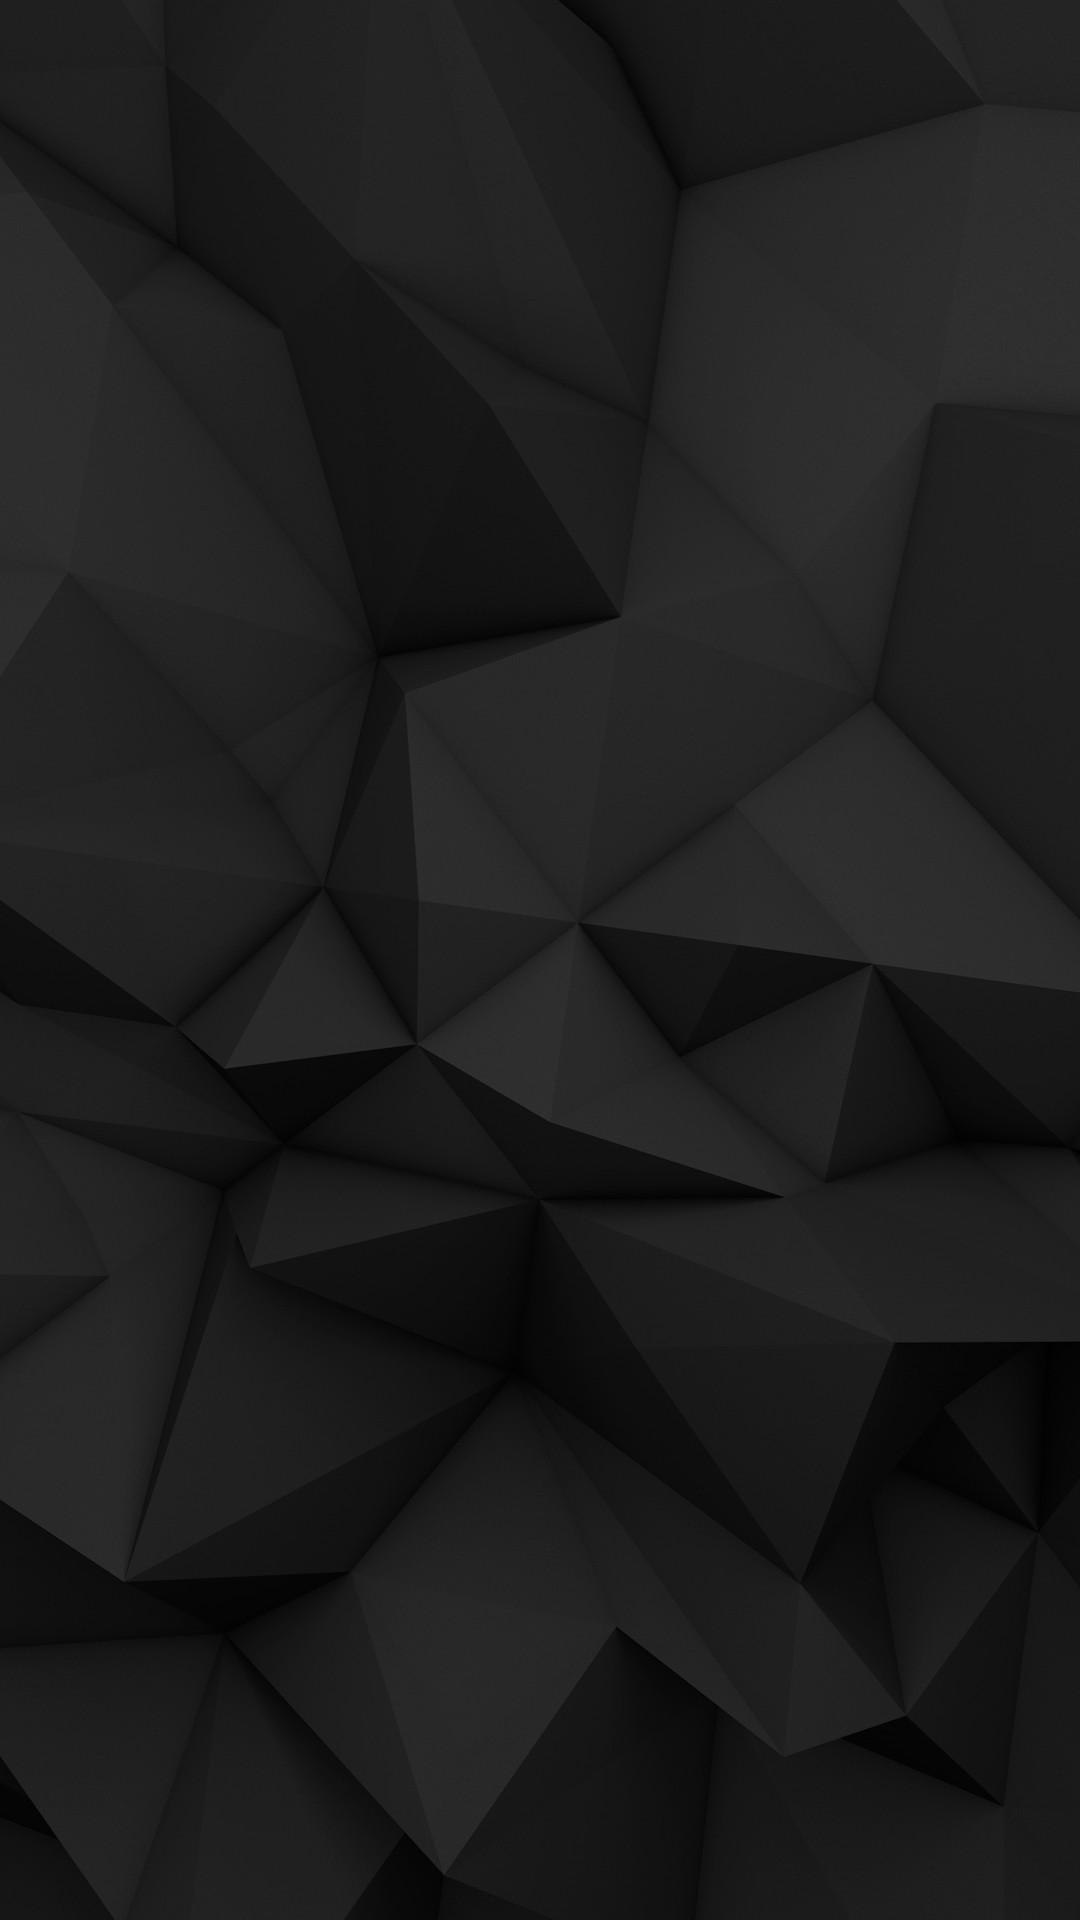 black_i_phone-2